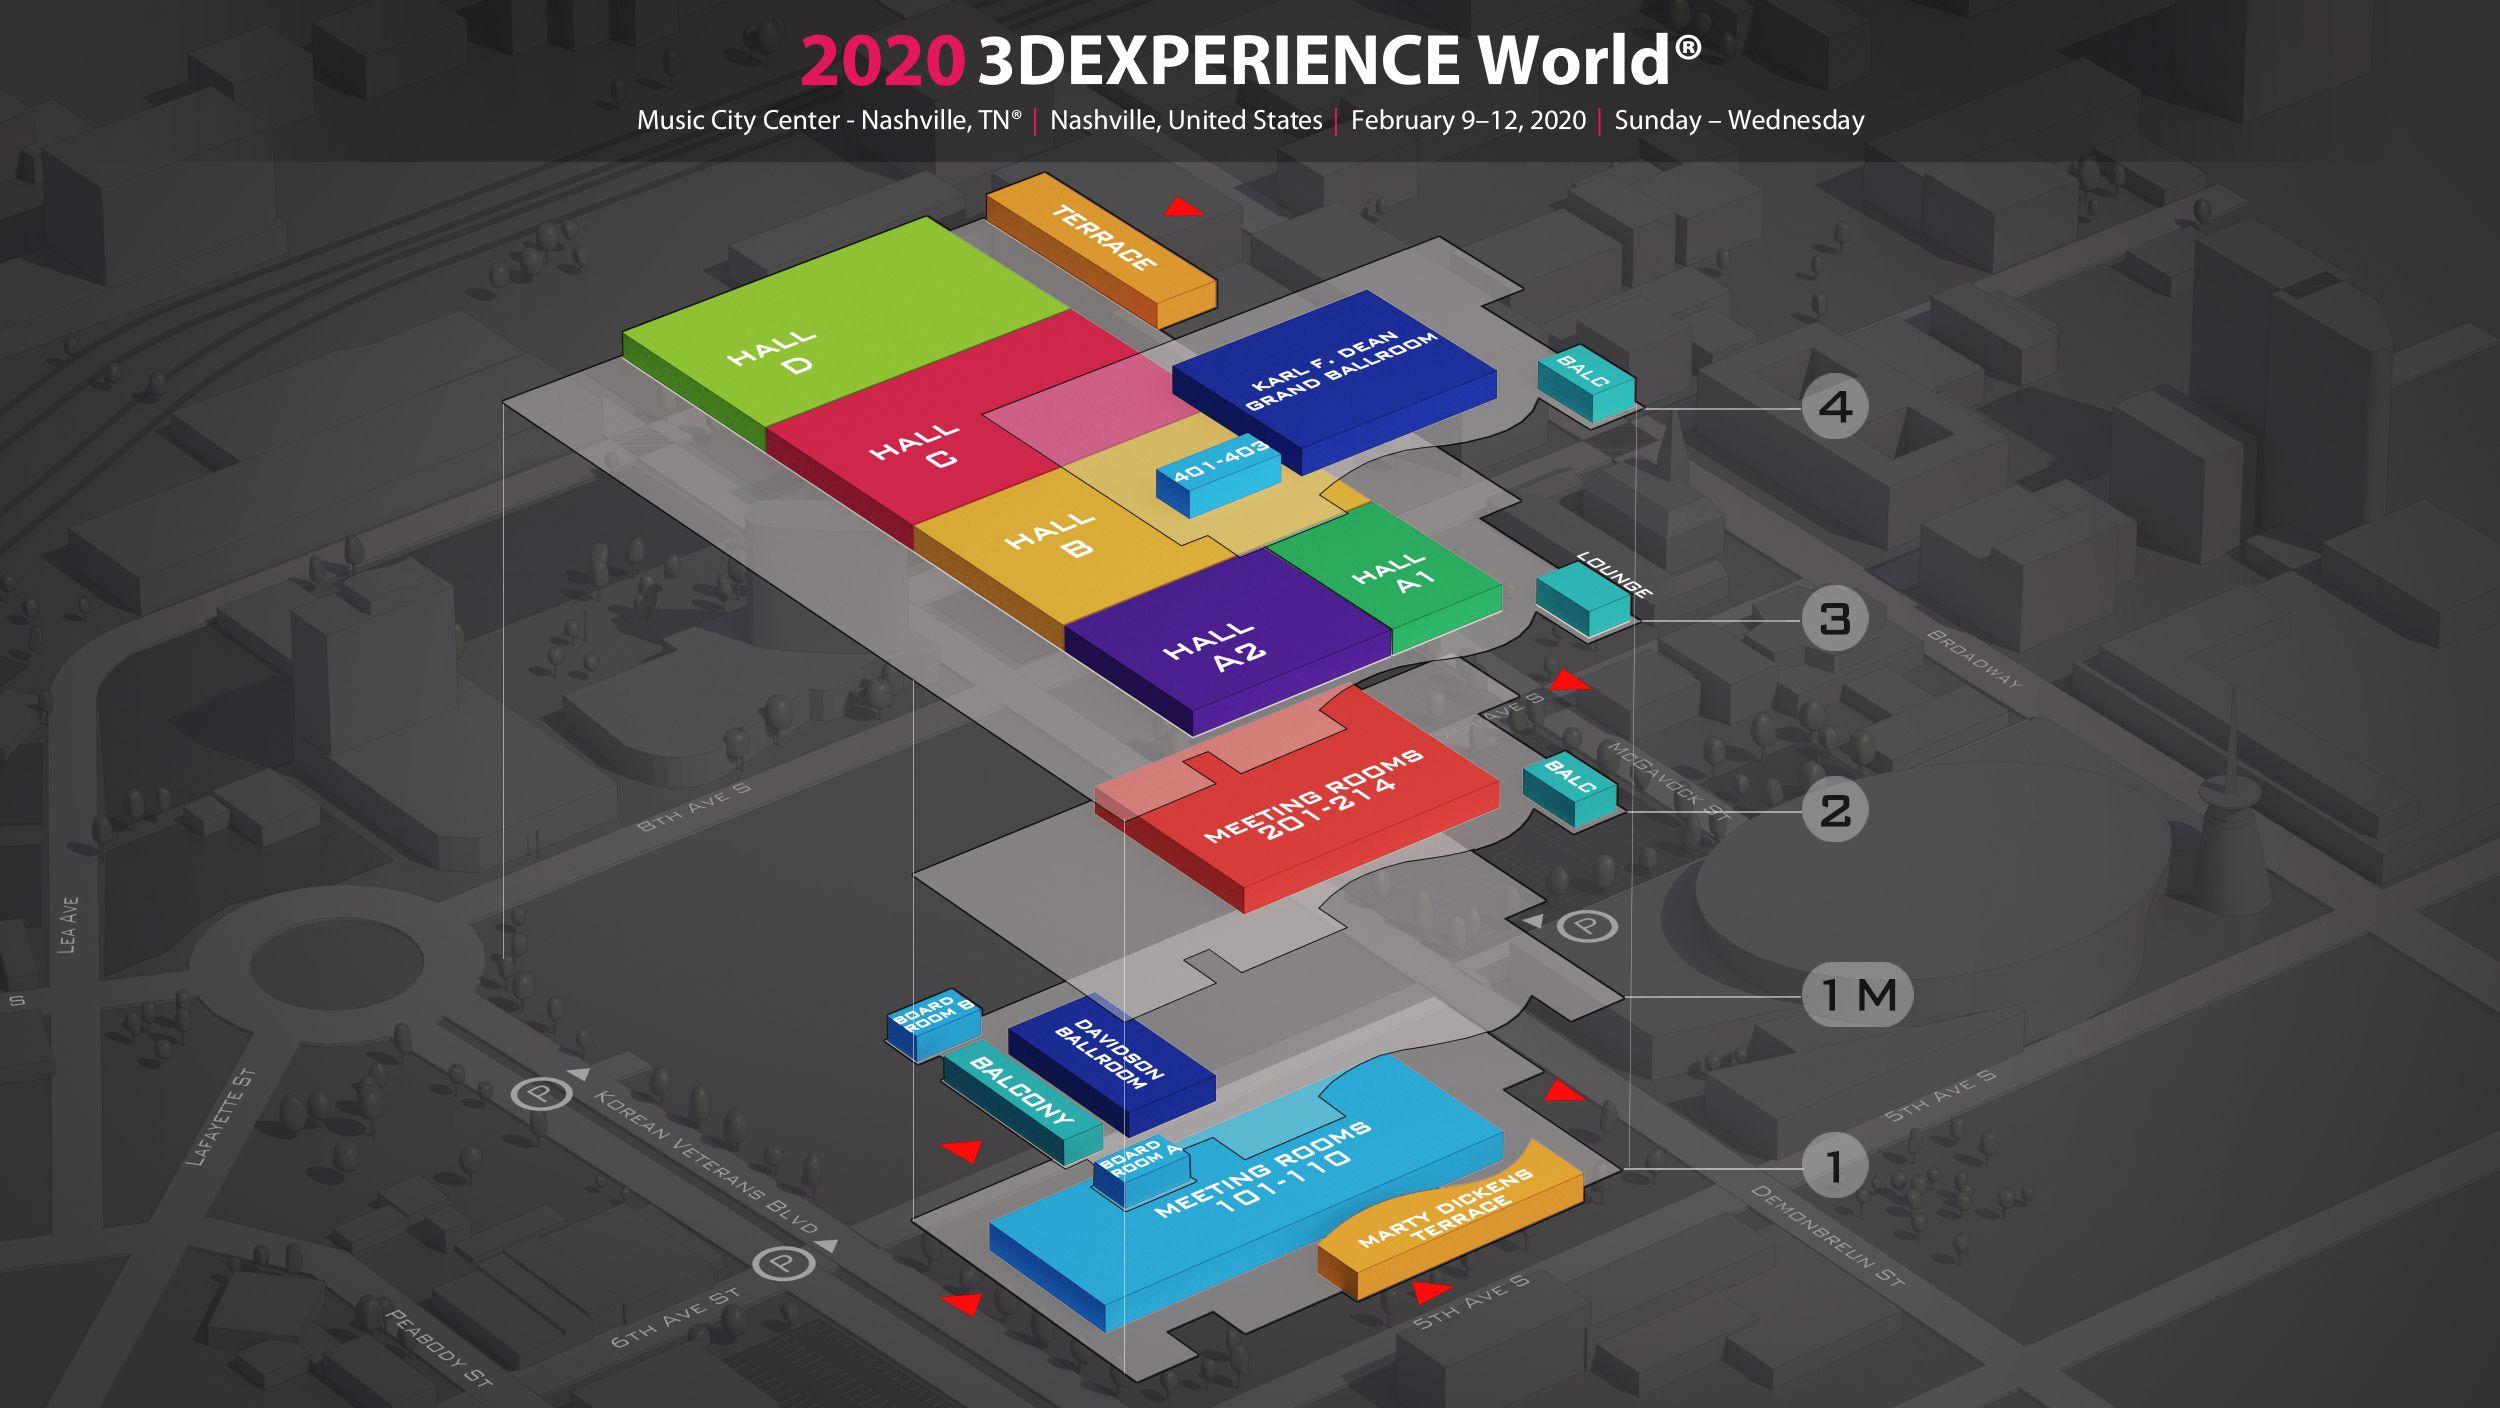 3DEXPERIENCE World 2020 3D floor plan